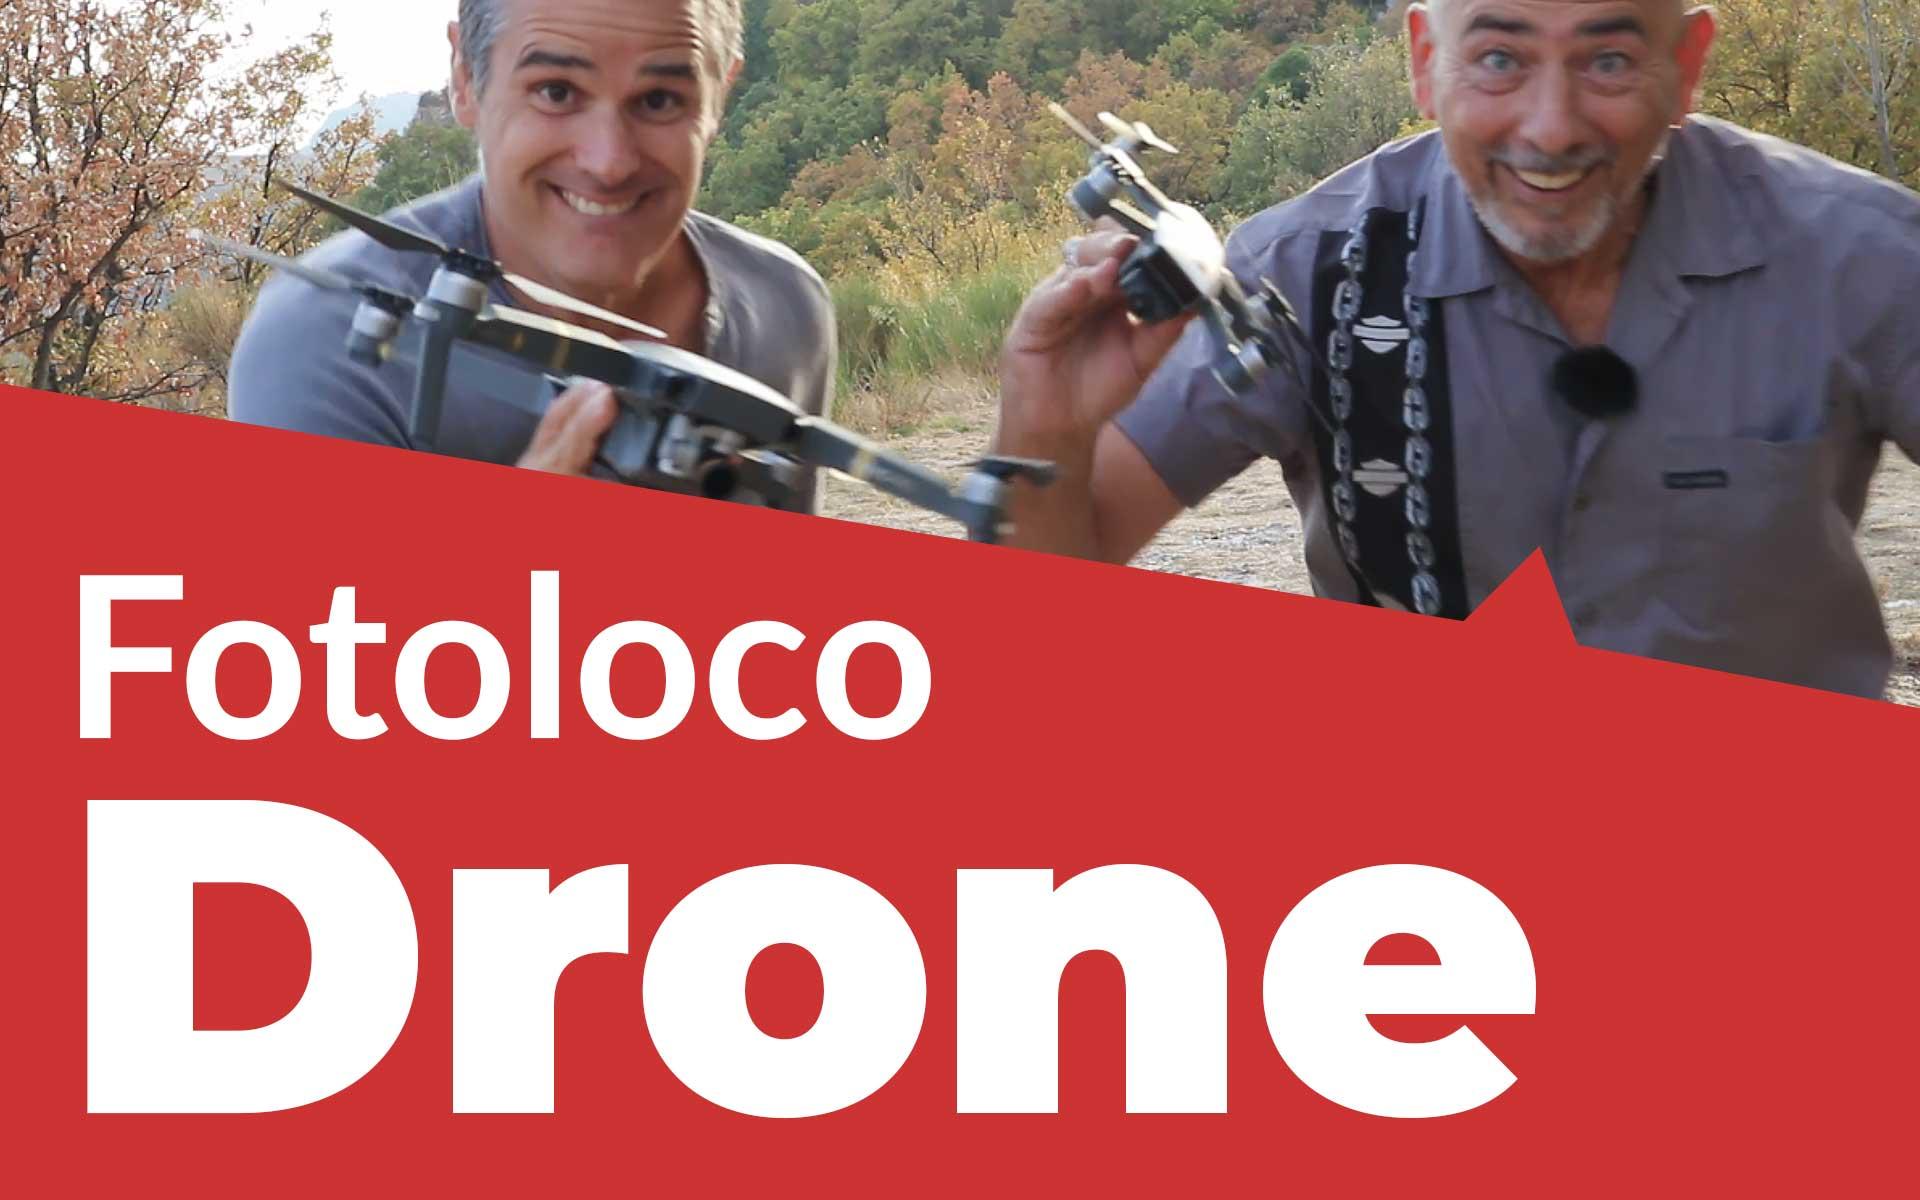 La formation fotoloco Drone de loisir : j'apprends à piloter, filmer et photographier